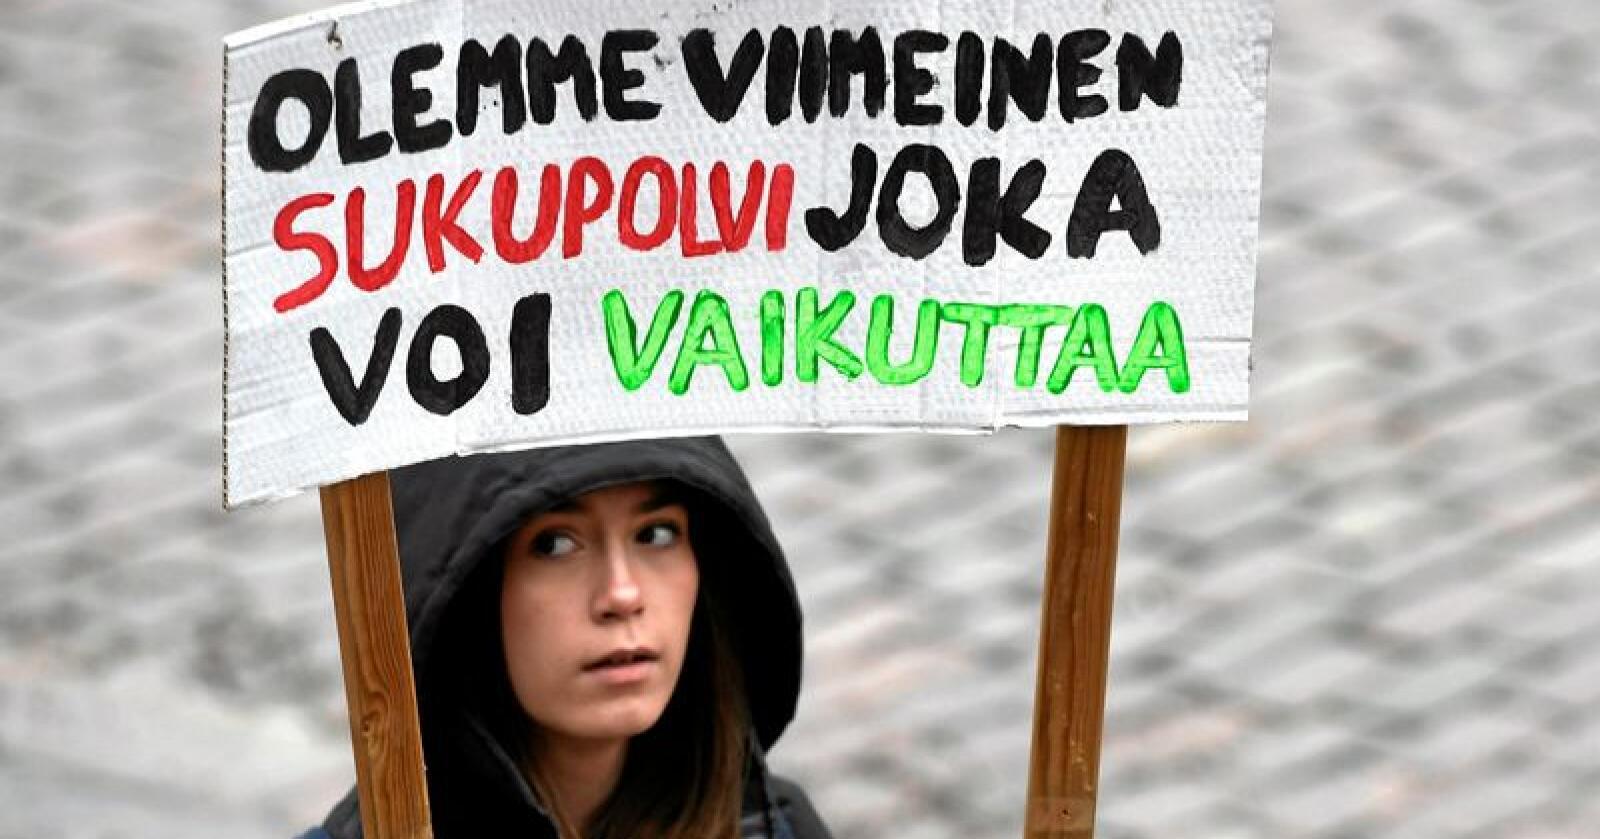 Klimaspørsmål kan prege søndagens valgresultatet i Finland. 15. mars demonstrerte finsk ungdom i Helsingfors. Den unge demonstrantens plakat har påskriften «Vi er den siste generasjonen som kan påvirke». Foto: Heikki Saukkomaa / Lehtikuva / AP / NTB scanpix